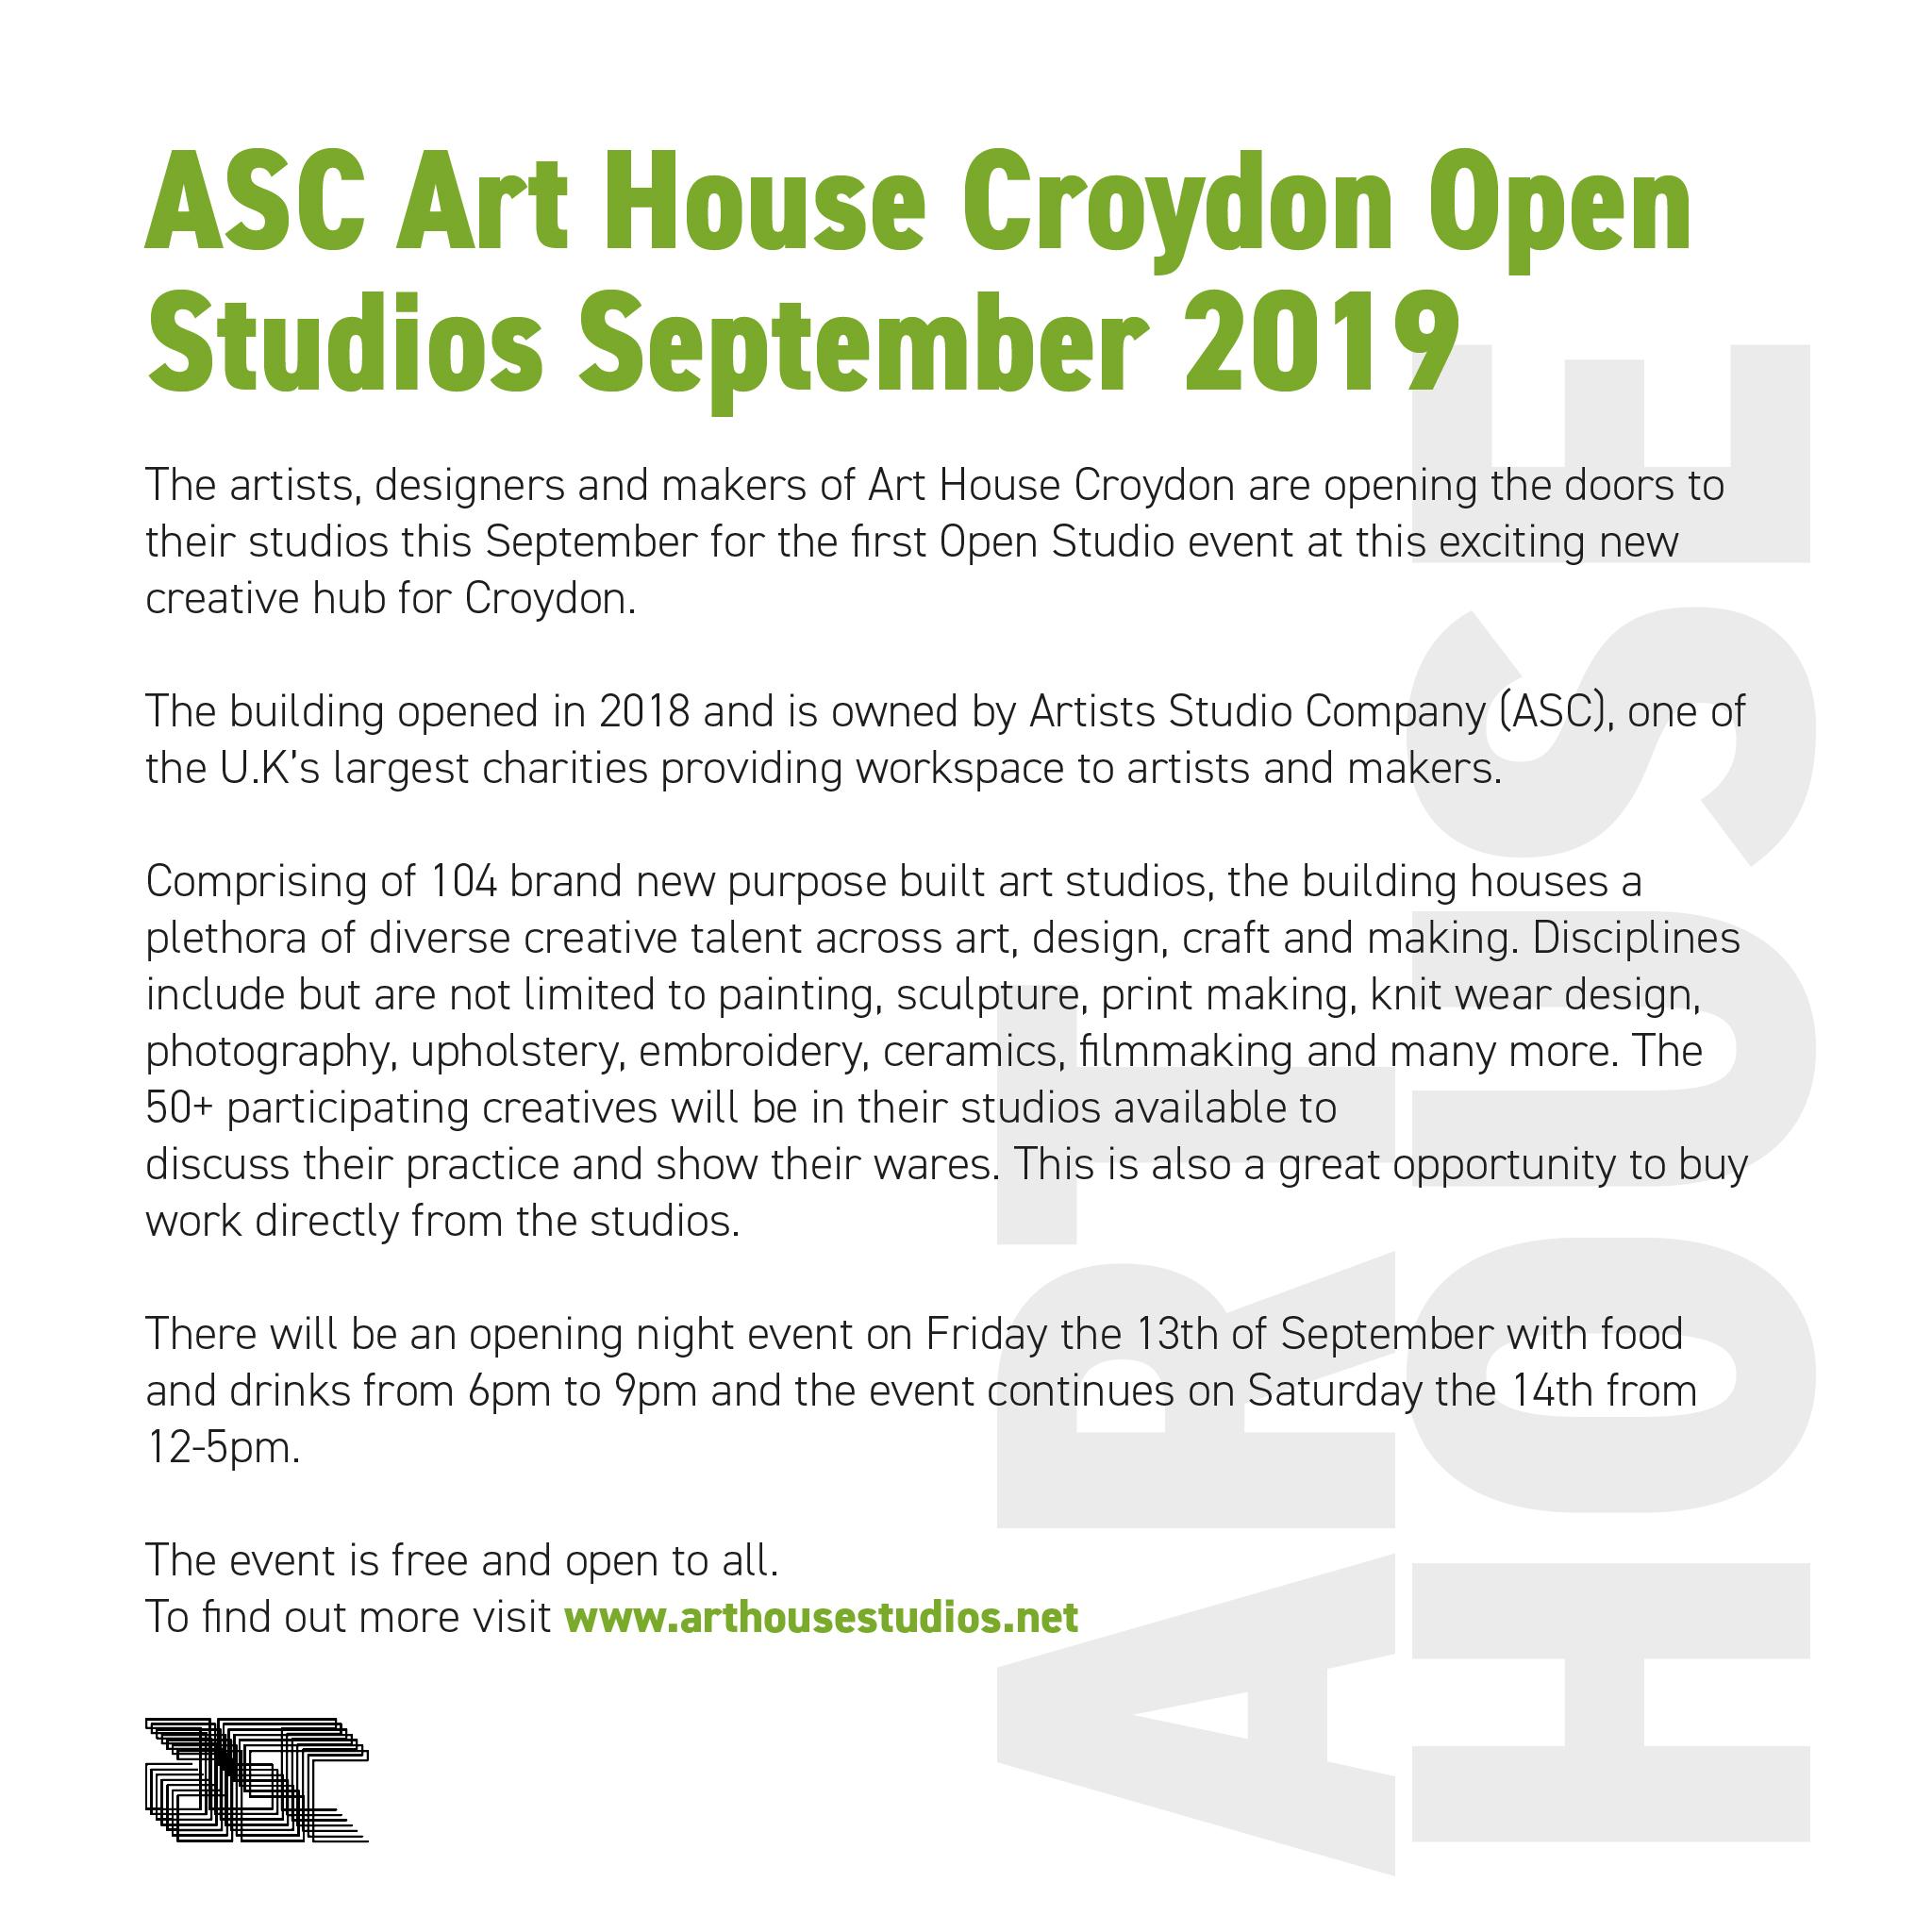 ASC Studios Art House Croydon 2019